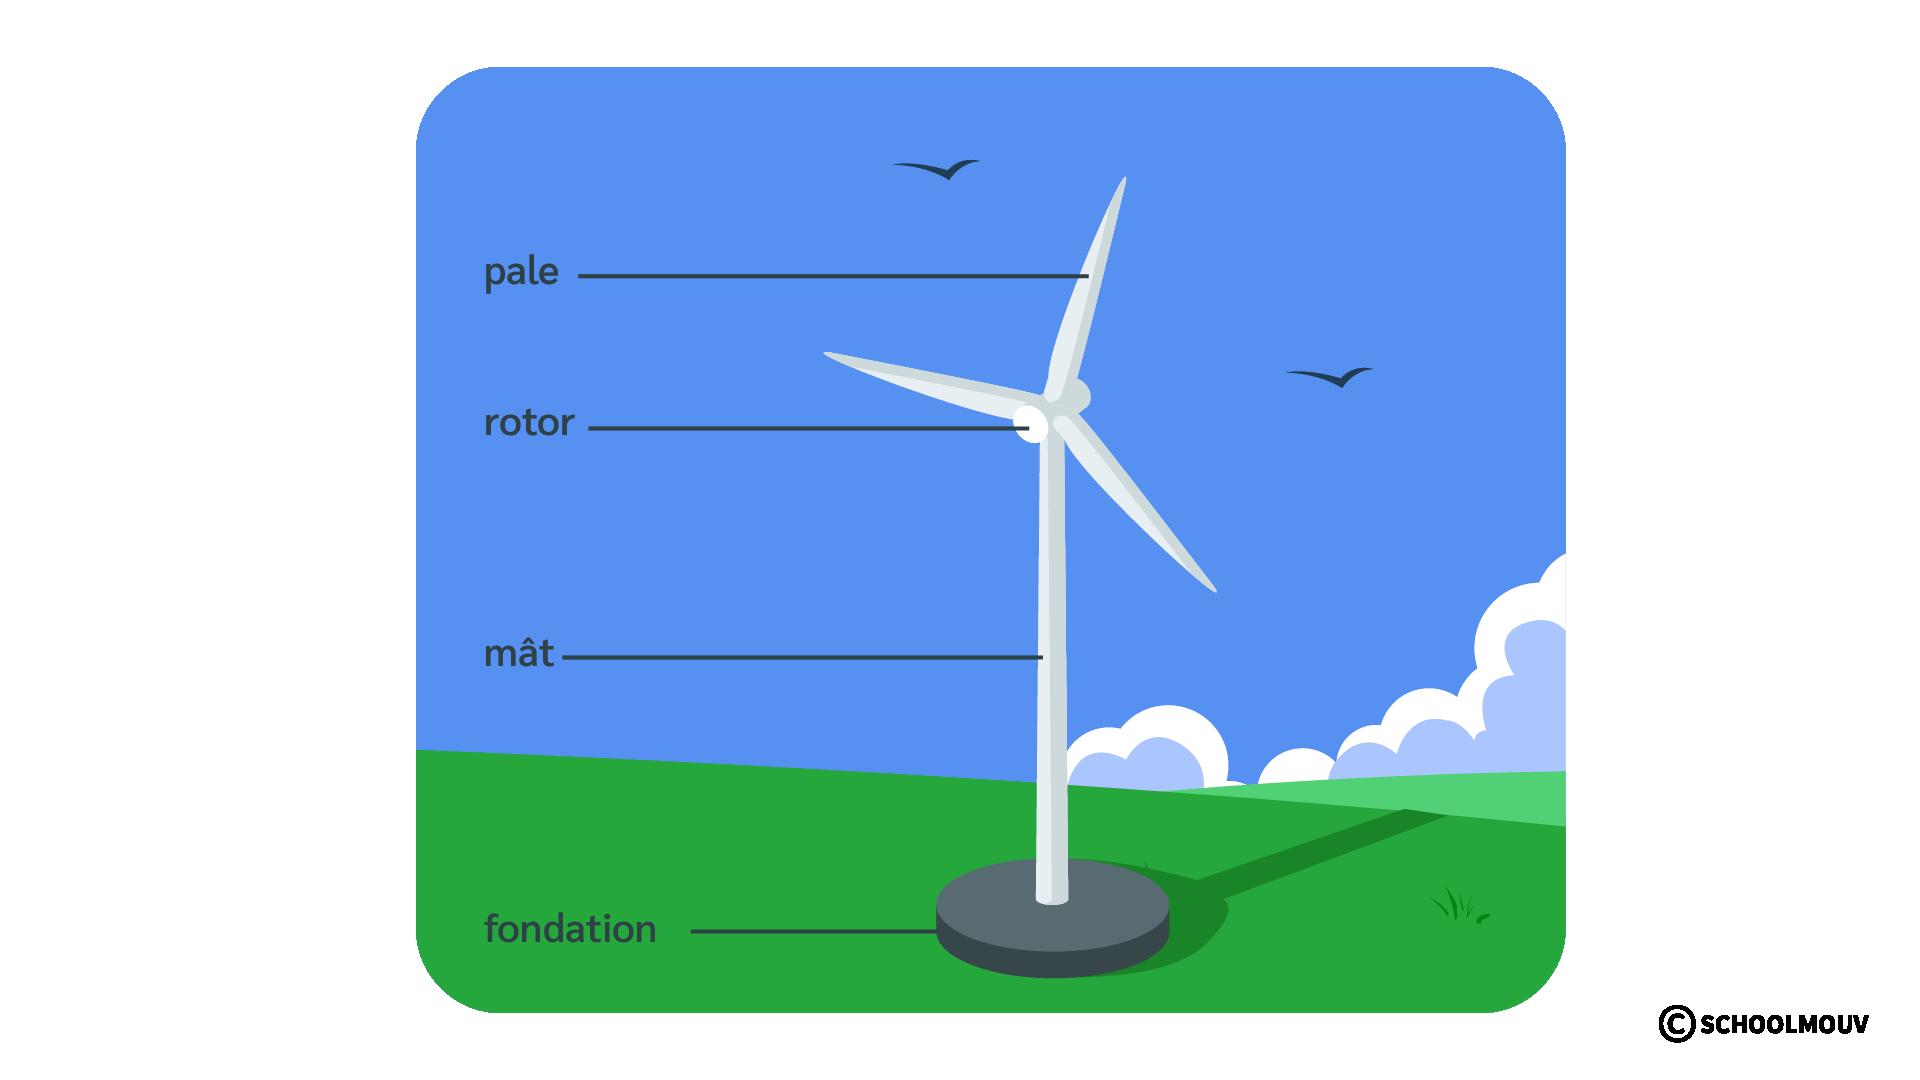 Éolienne - Pale - Rotor - Mât - Fondation - Énergie - Vent - SchoolMouv - Sciences - CE1